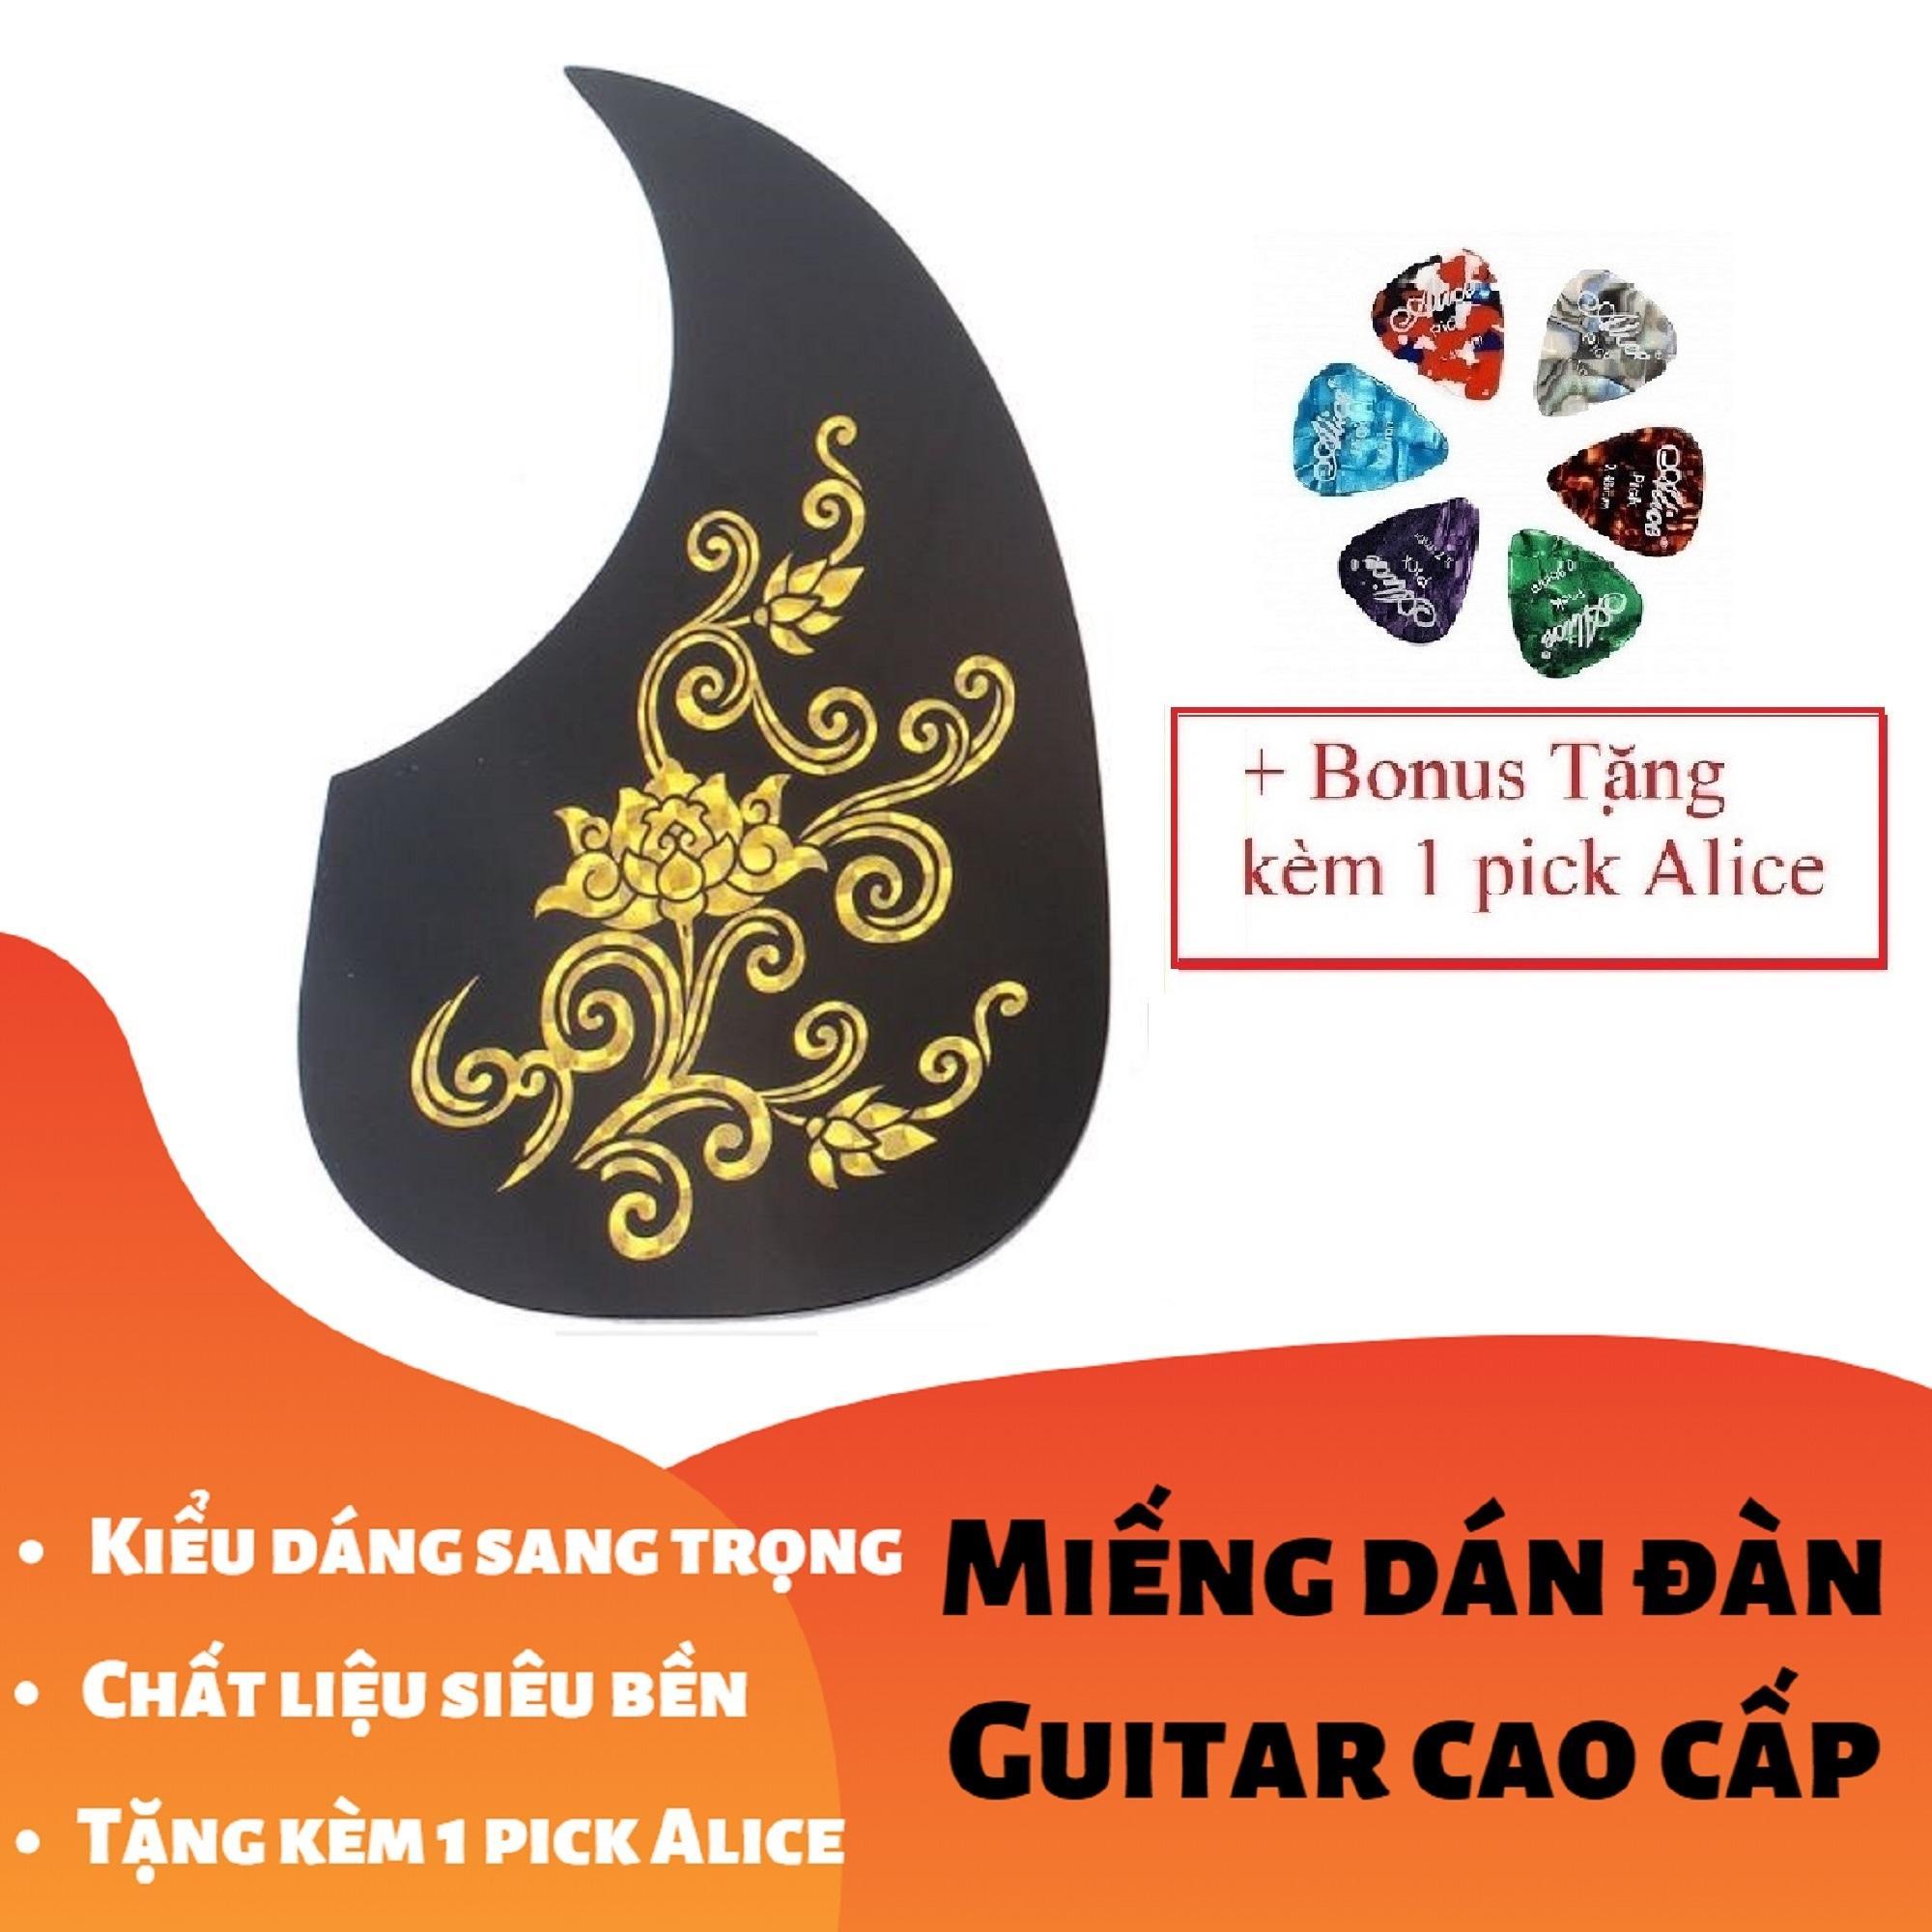 [RẺ GIẬT MÌNH] Miếng Dán Cao Cấp Trang Trí, Bảo Vệ đàn Ghi-ta 3D Hoa Sen Vàng Bạc (Guitar PickGuard) - Tặng Kèm 1 Pick Alice Giảm Giá Khủng